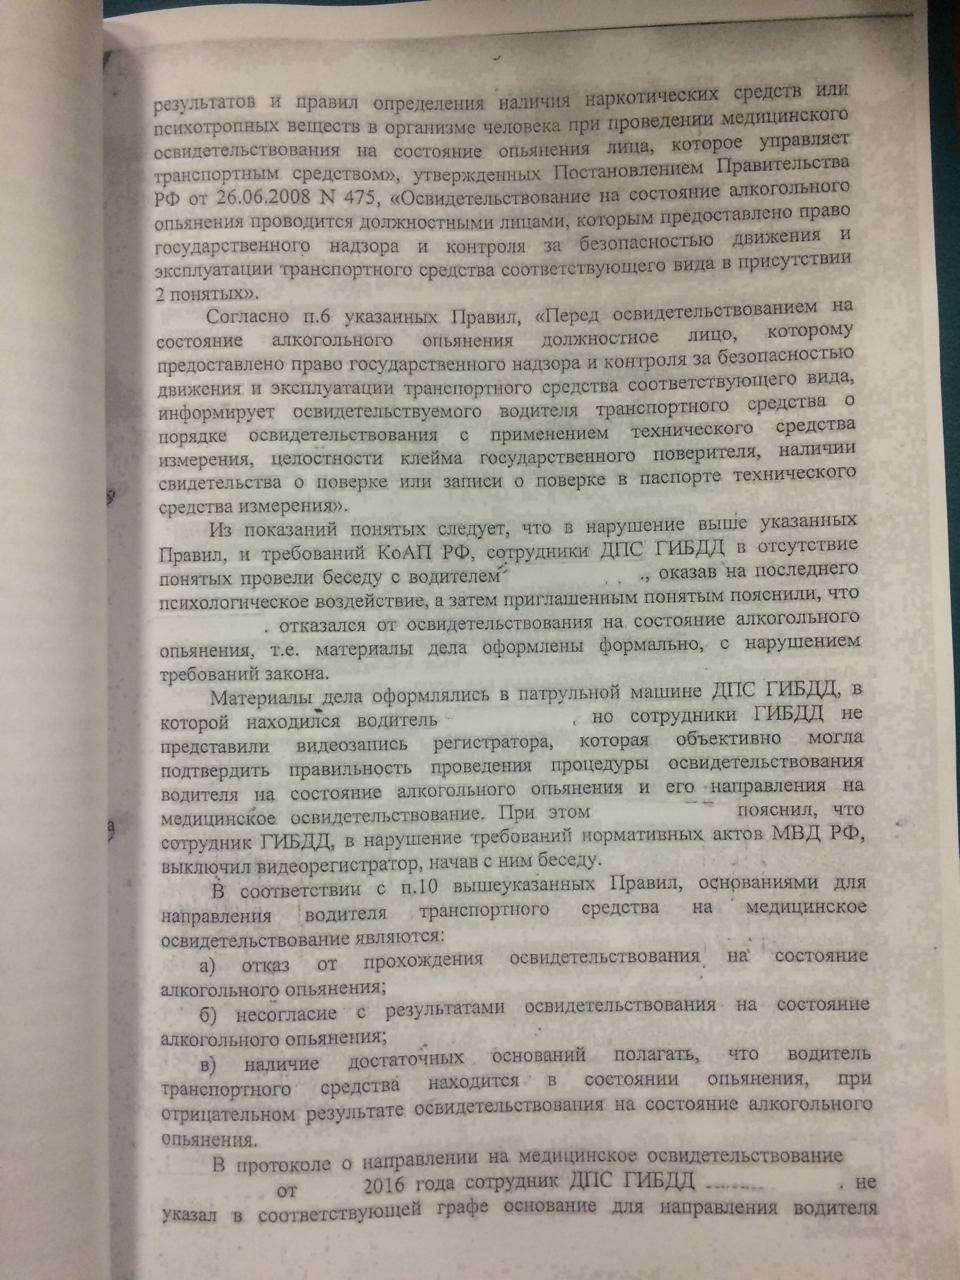 Разводки ГИБДД: как нелишиться прав заотказ отмедосвидетельствования— фото 927381